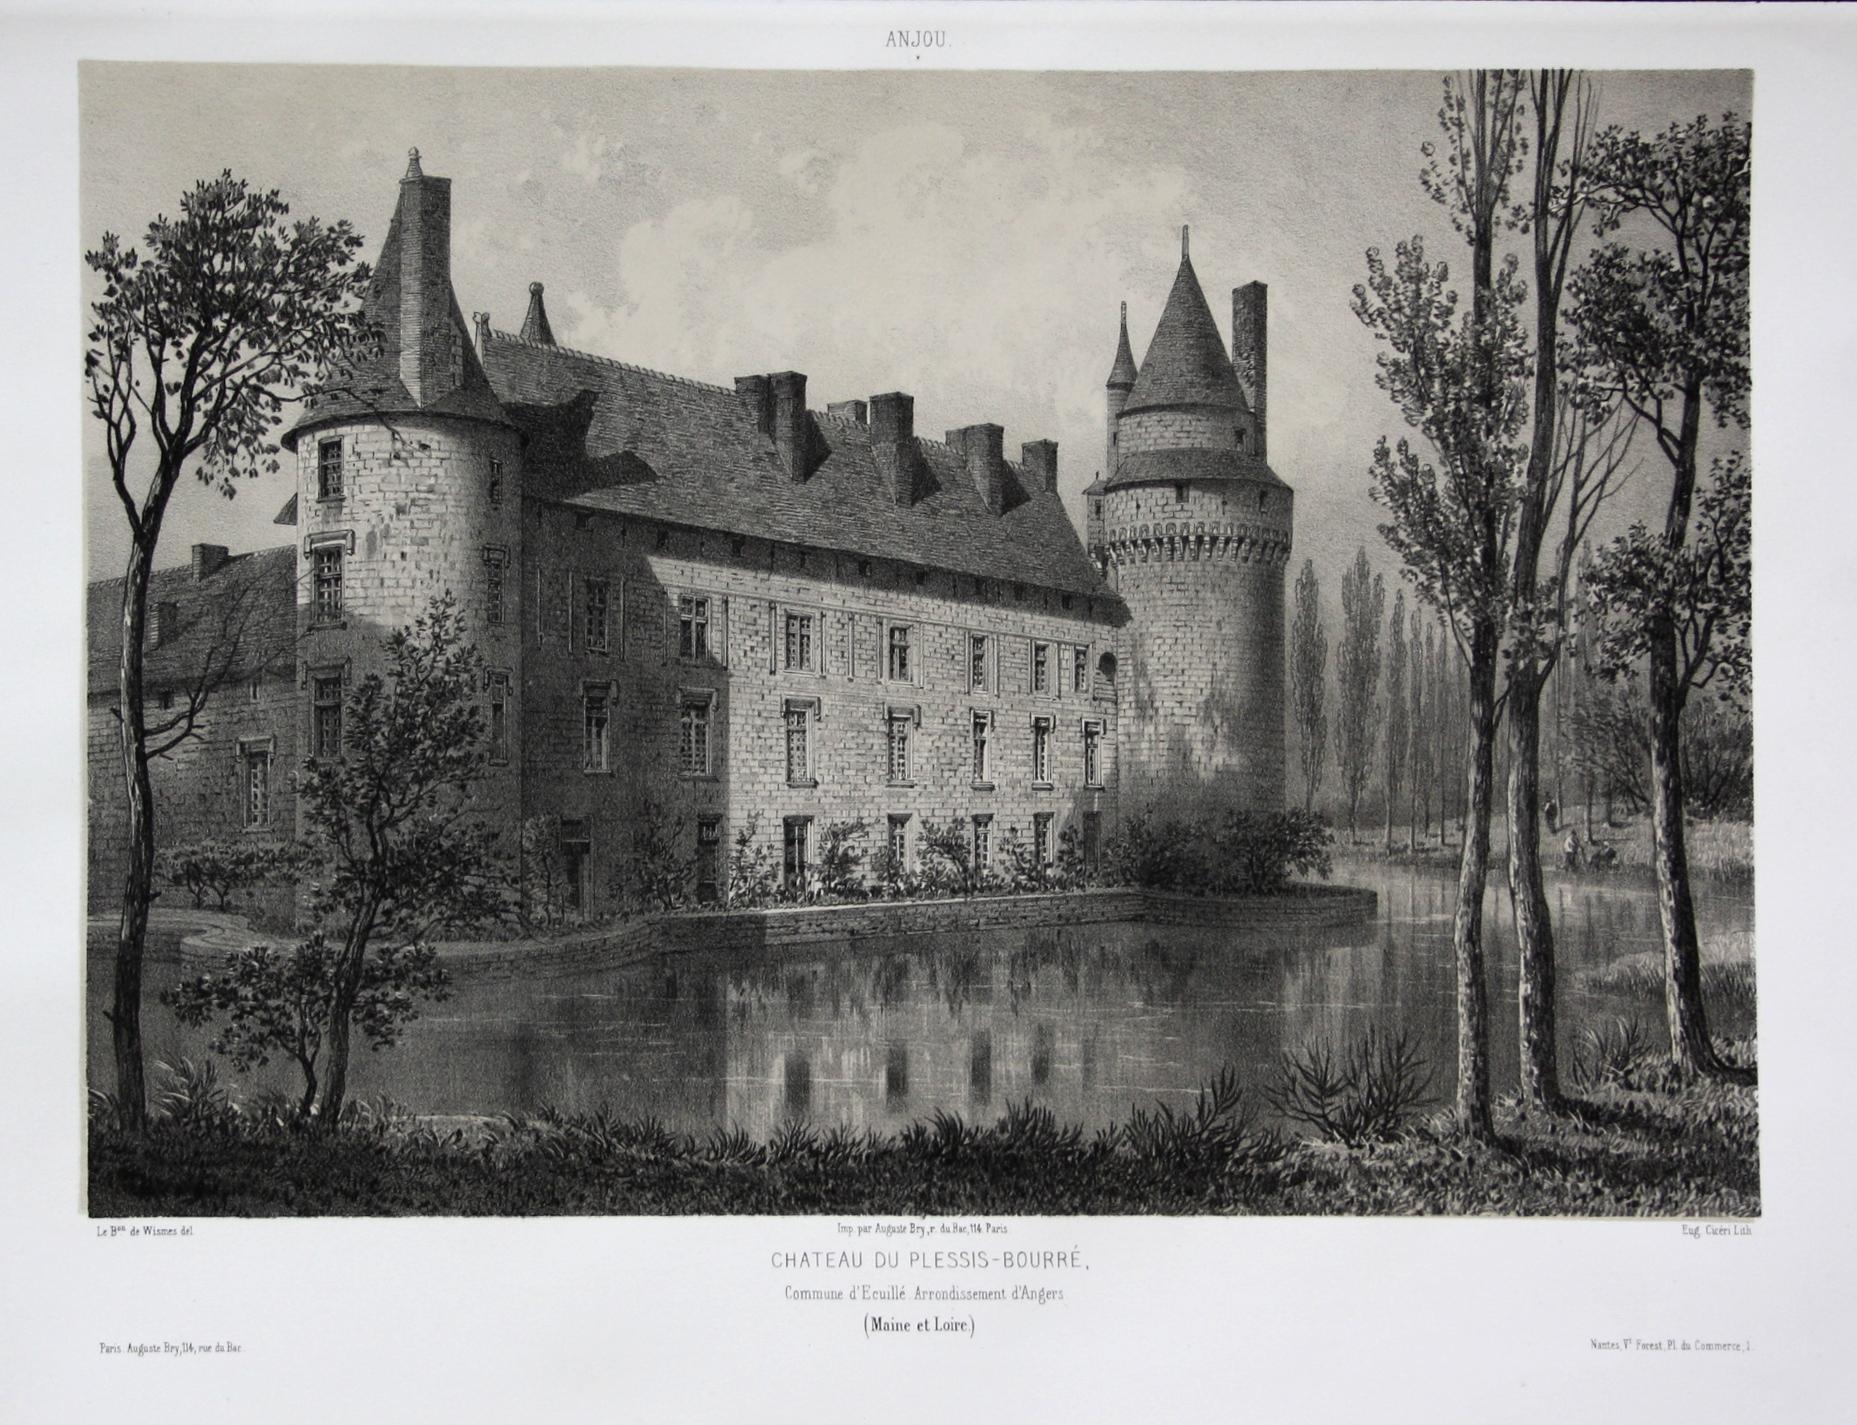 Chateau du Plessis-Bourre / Commune d'Ecuille. Arrond.: Wismes, Olivier de